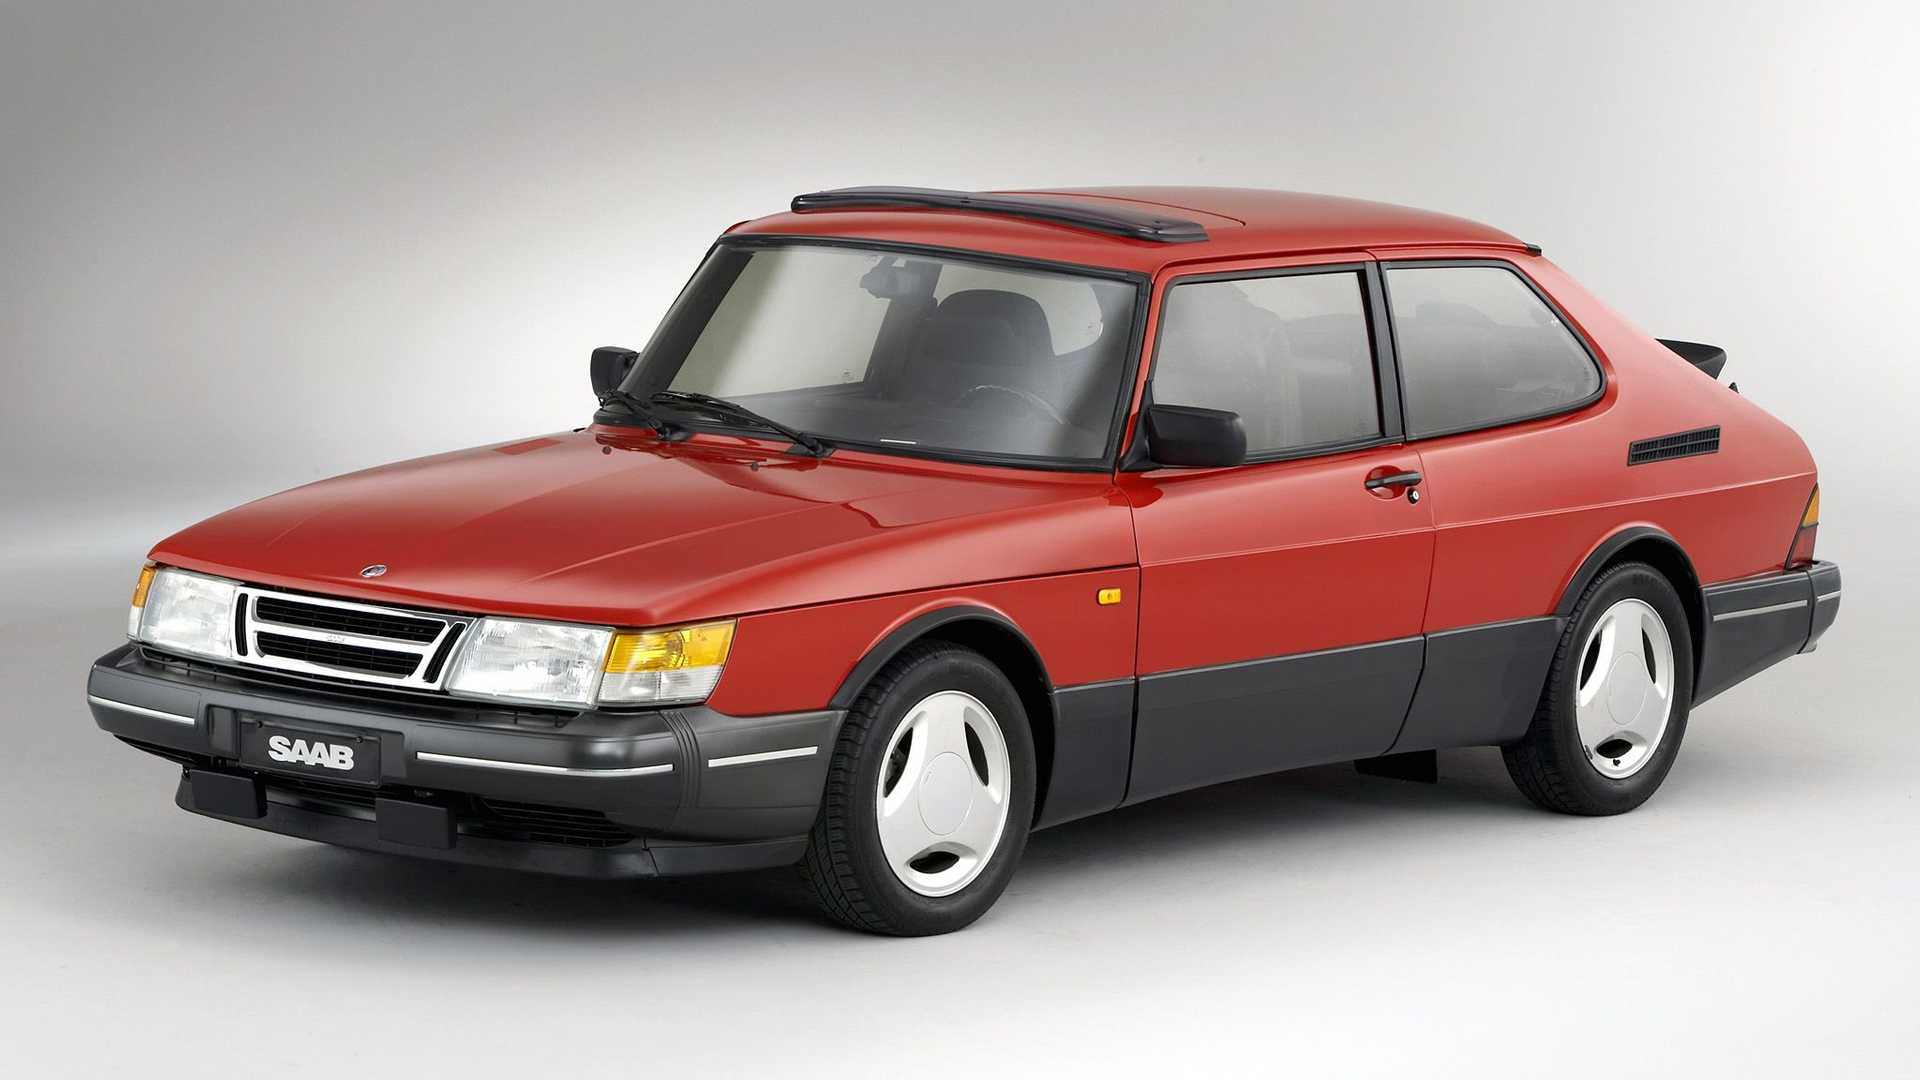 Et si Xiaomi achetait Saab pour fabriquer des voitures électriques ?